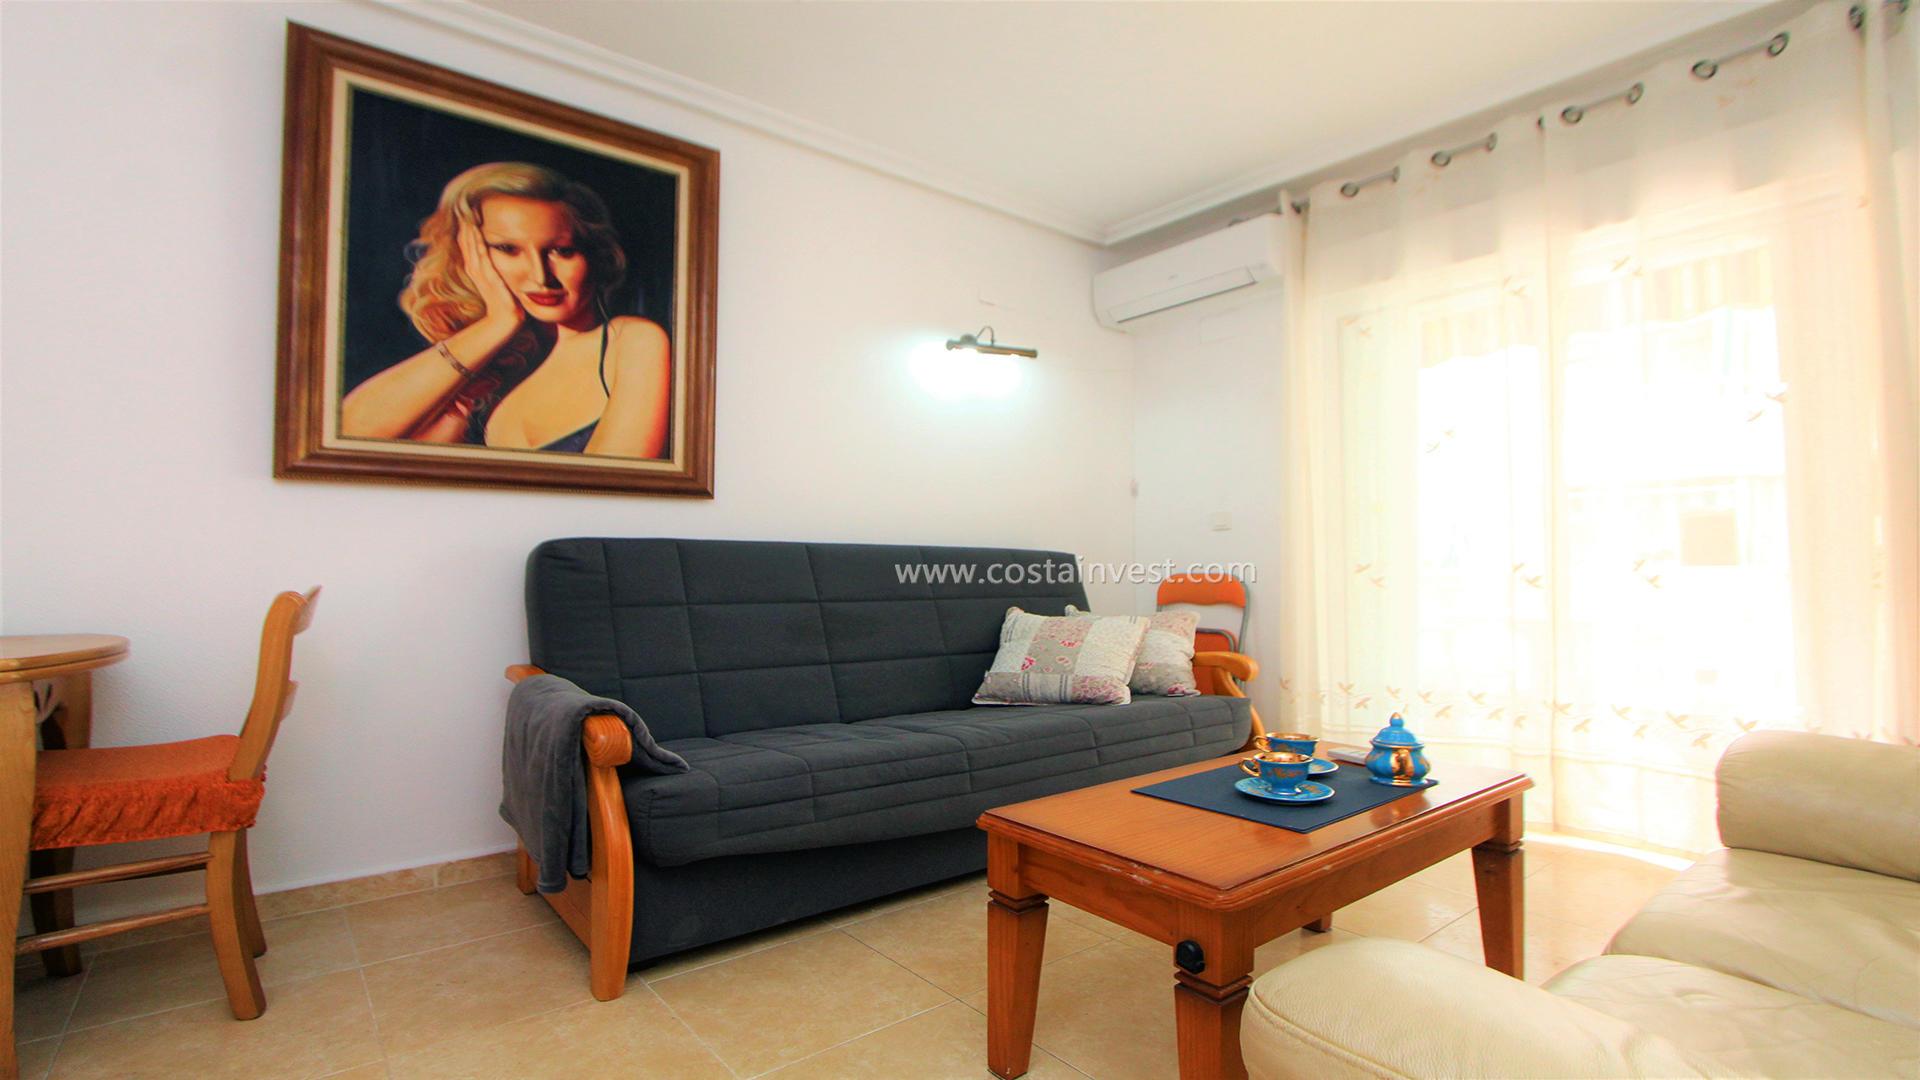 Apartament -                                       Torrevieja -                                       1 sypialnie -                                       4 osoby